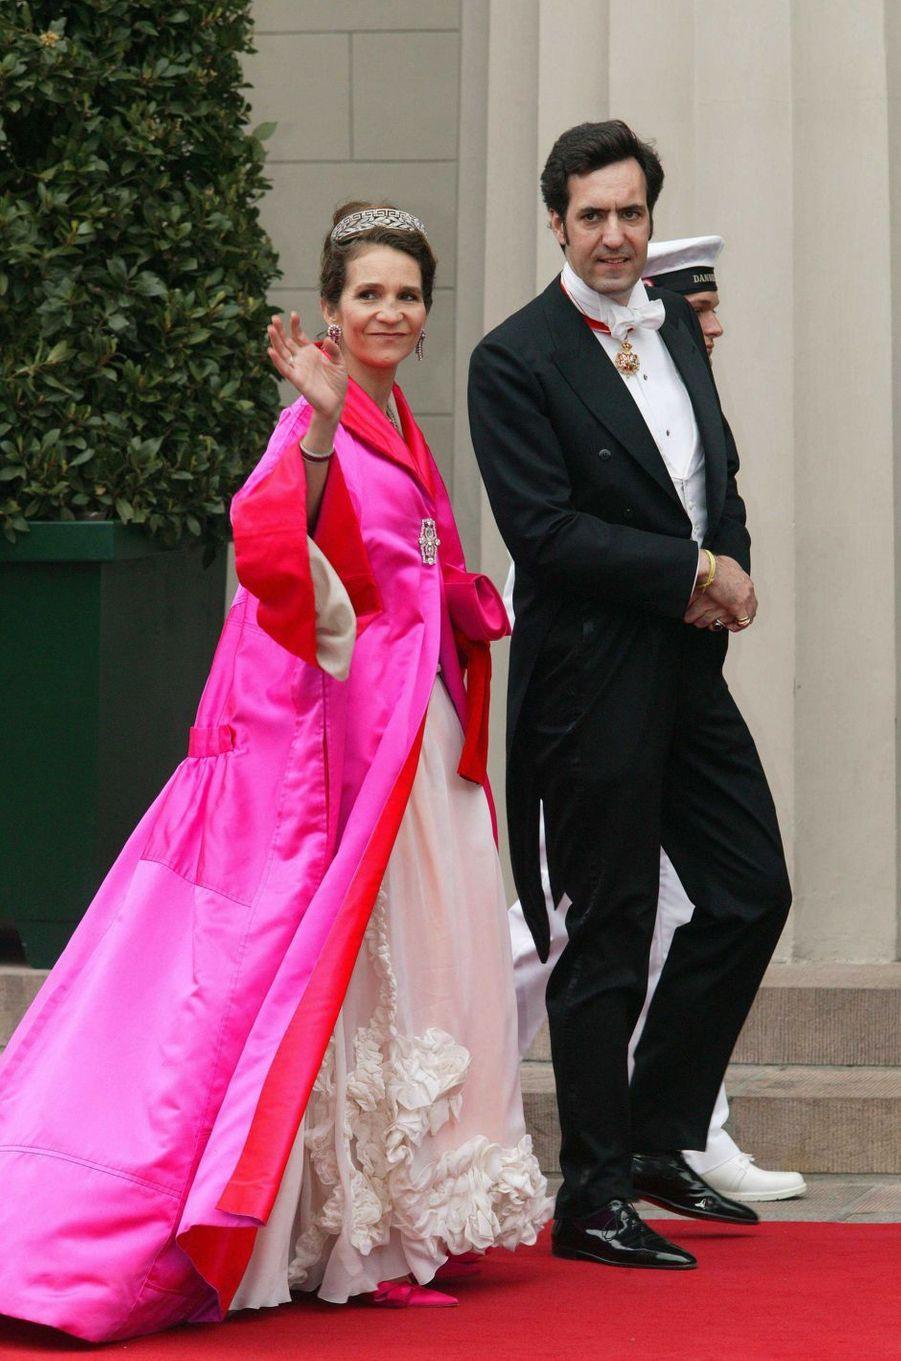 L'infante Elena d'Espagne et son mari Jaime de de Marichalar à Copenhague, le 14 mai 2004